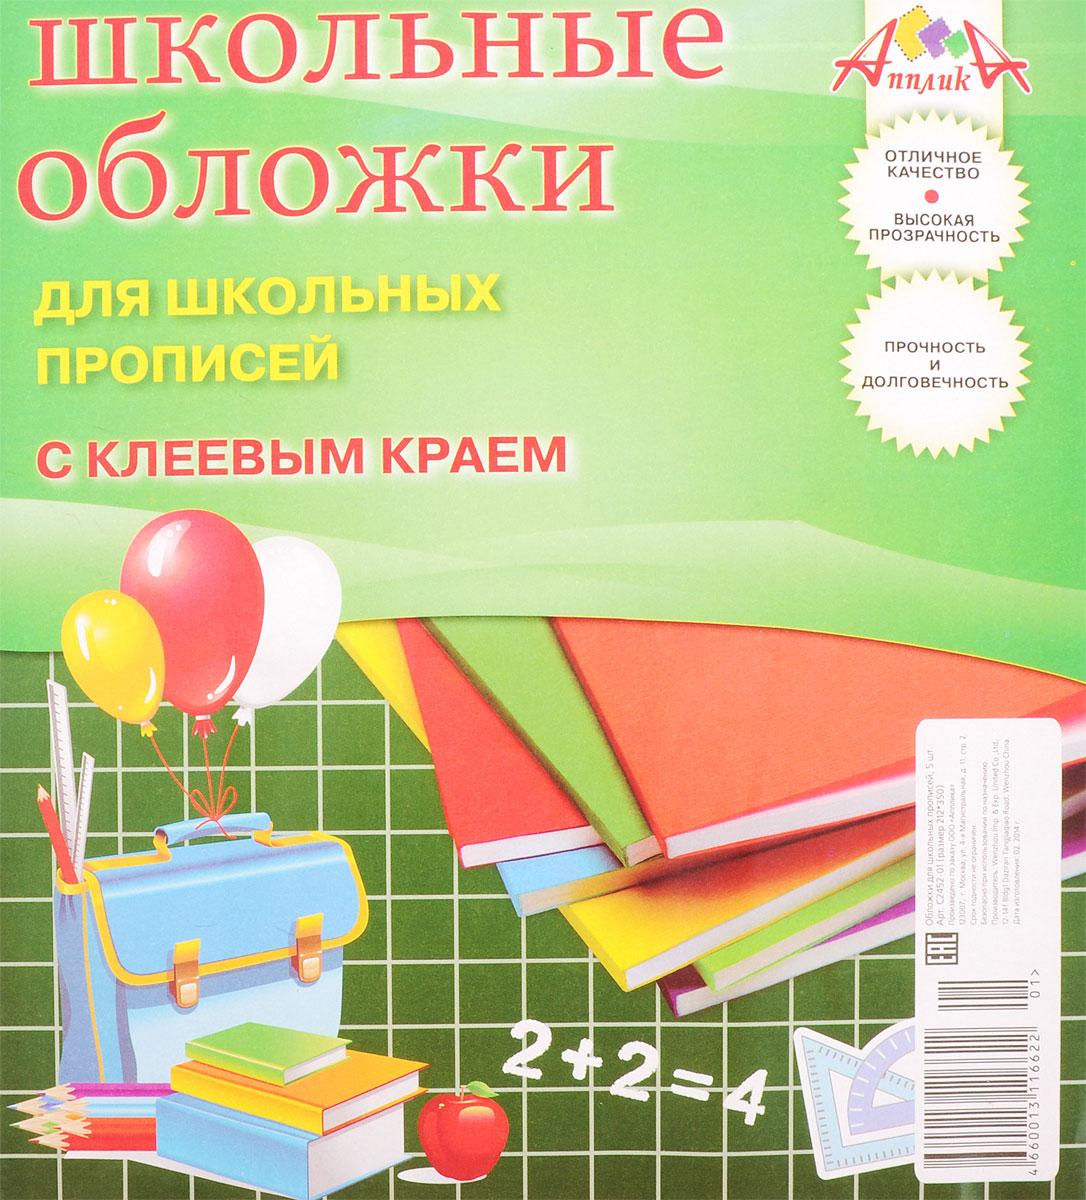 Апплика Набор обложек для школьных прописей 5 шт апплика набор школьных обложек для начальных классов 15 шт